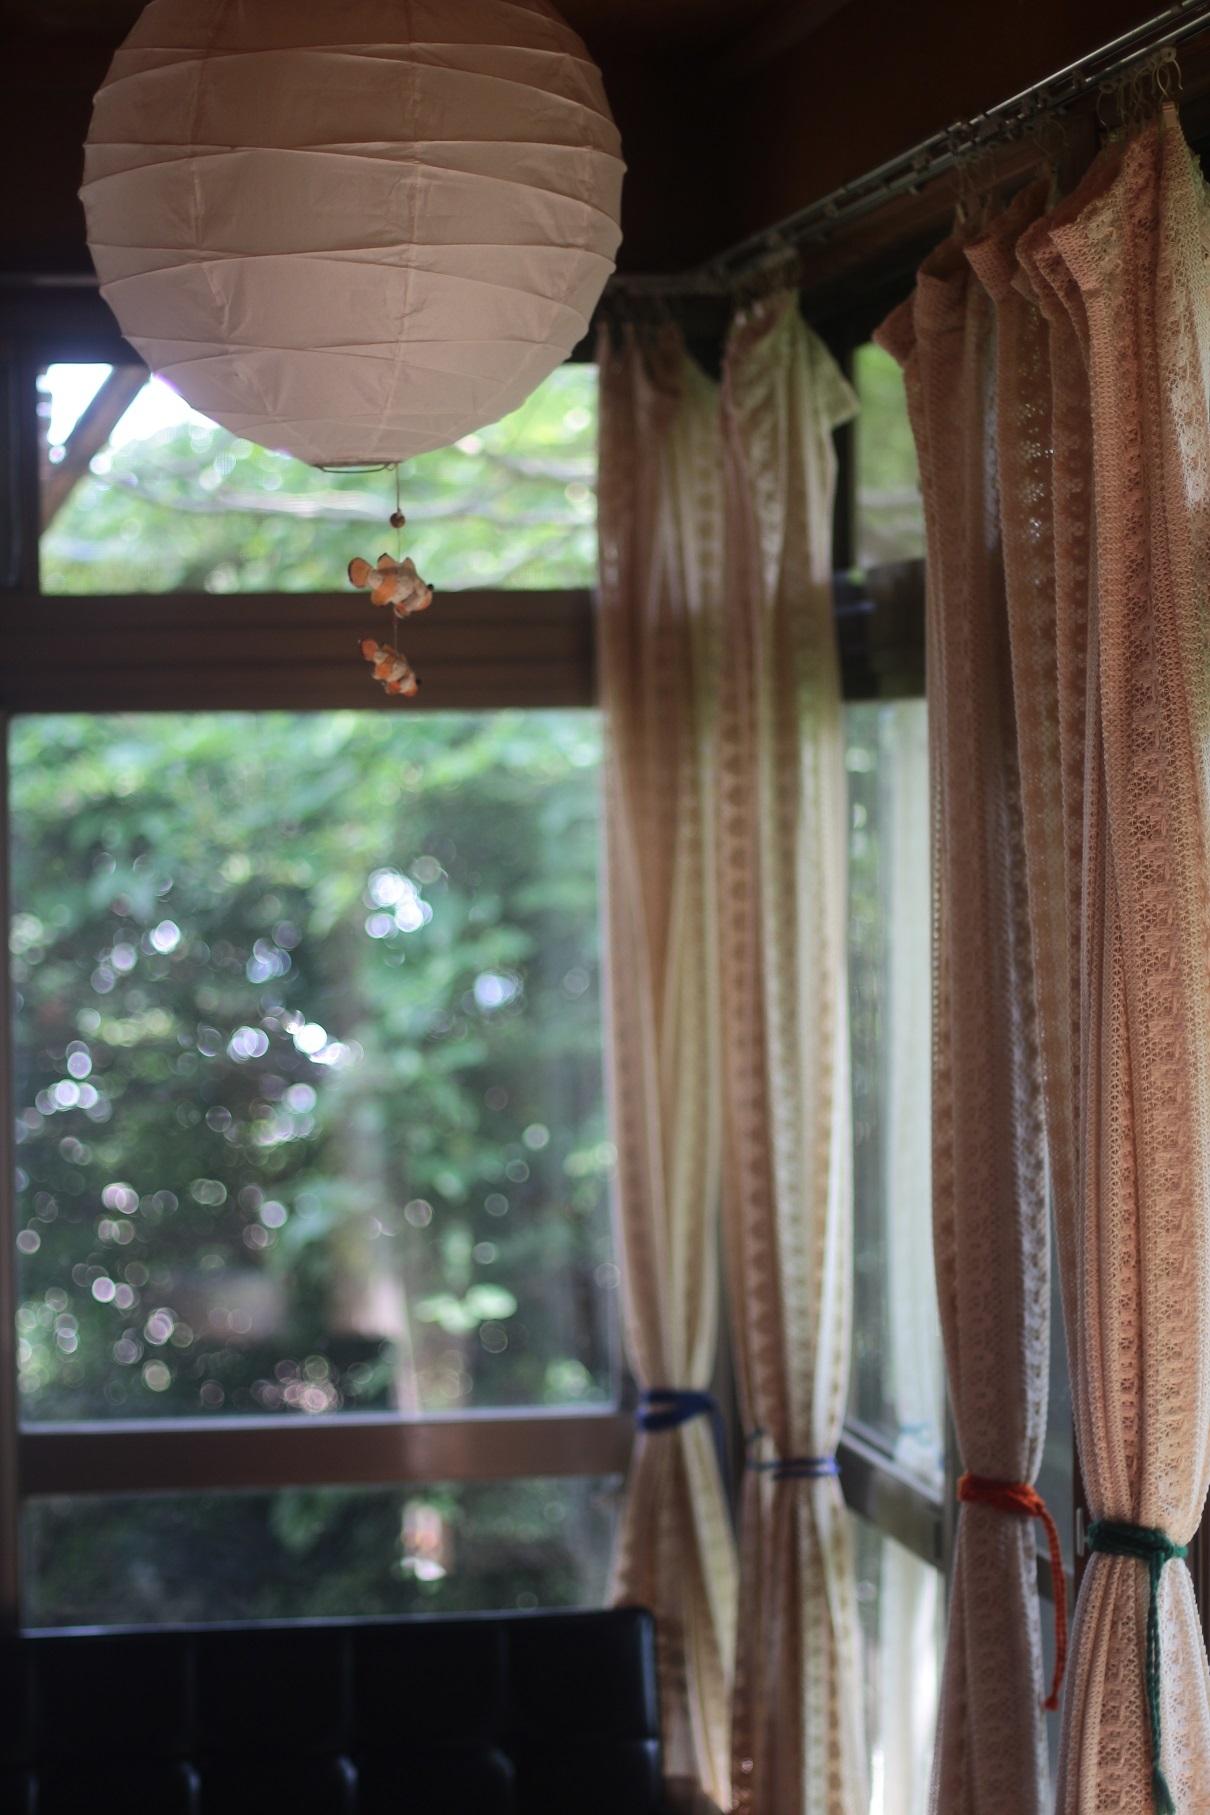 農風cafe 杜ノ遊庭あしびな さんへ行ってきました~_d0155147_19285507.jpg